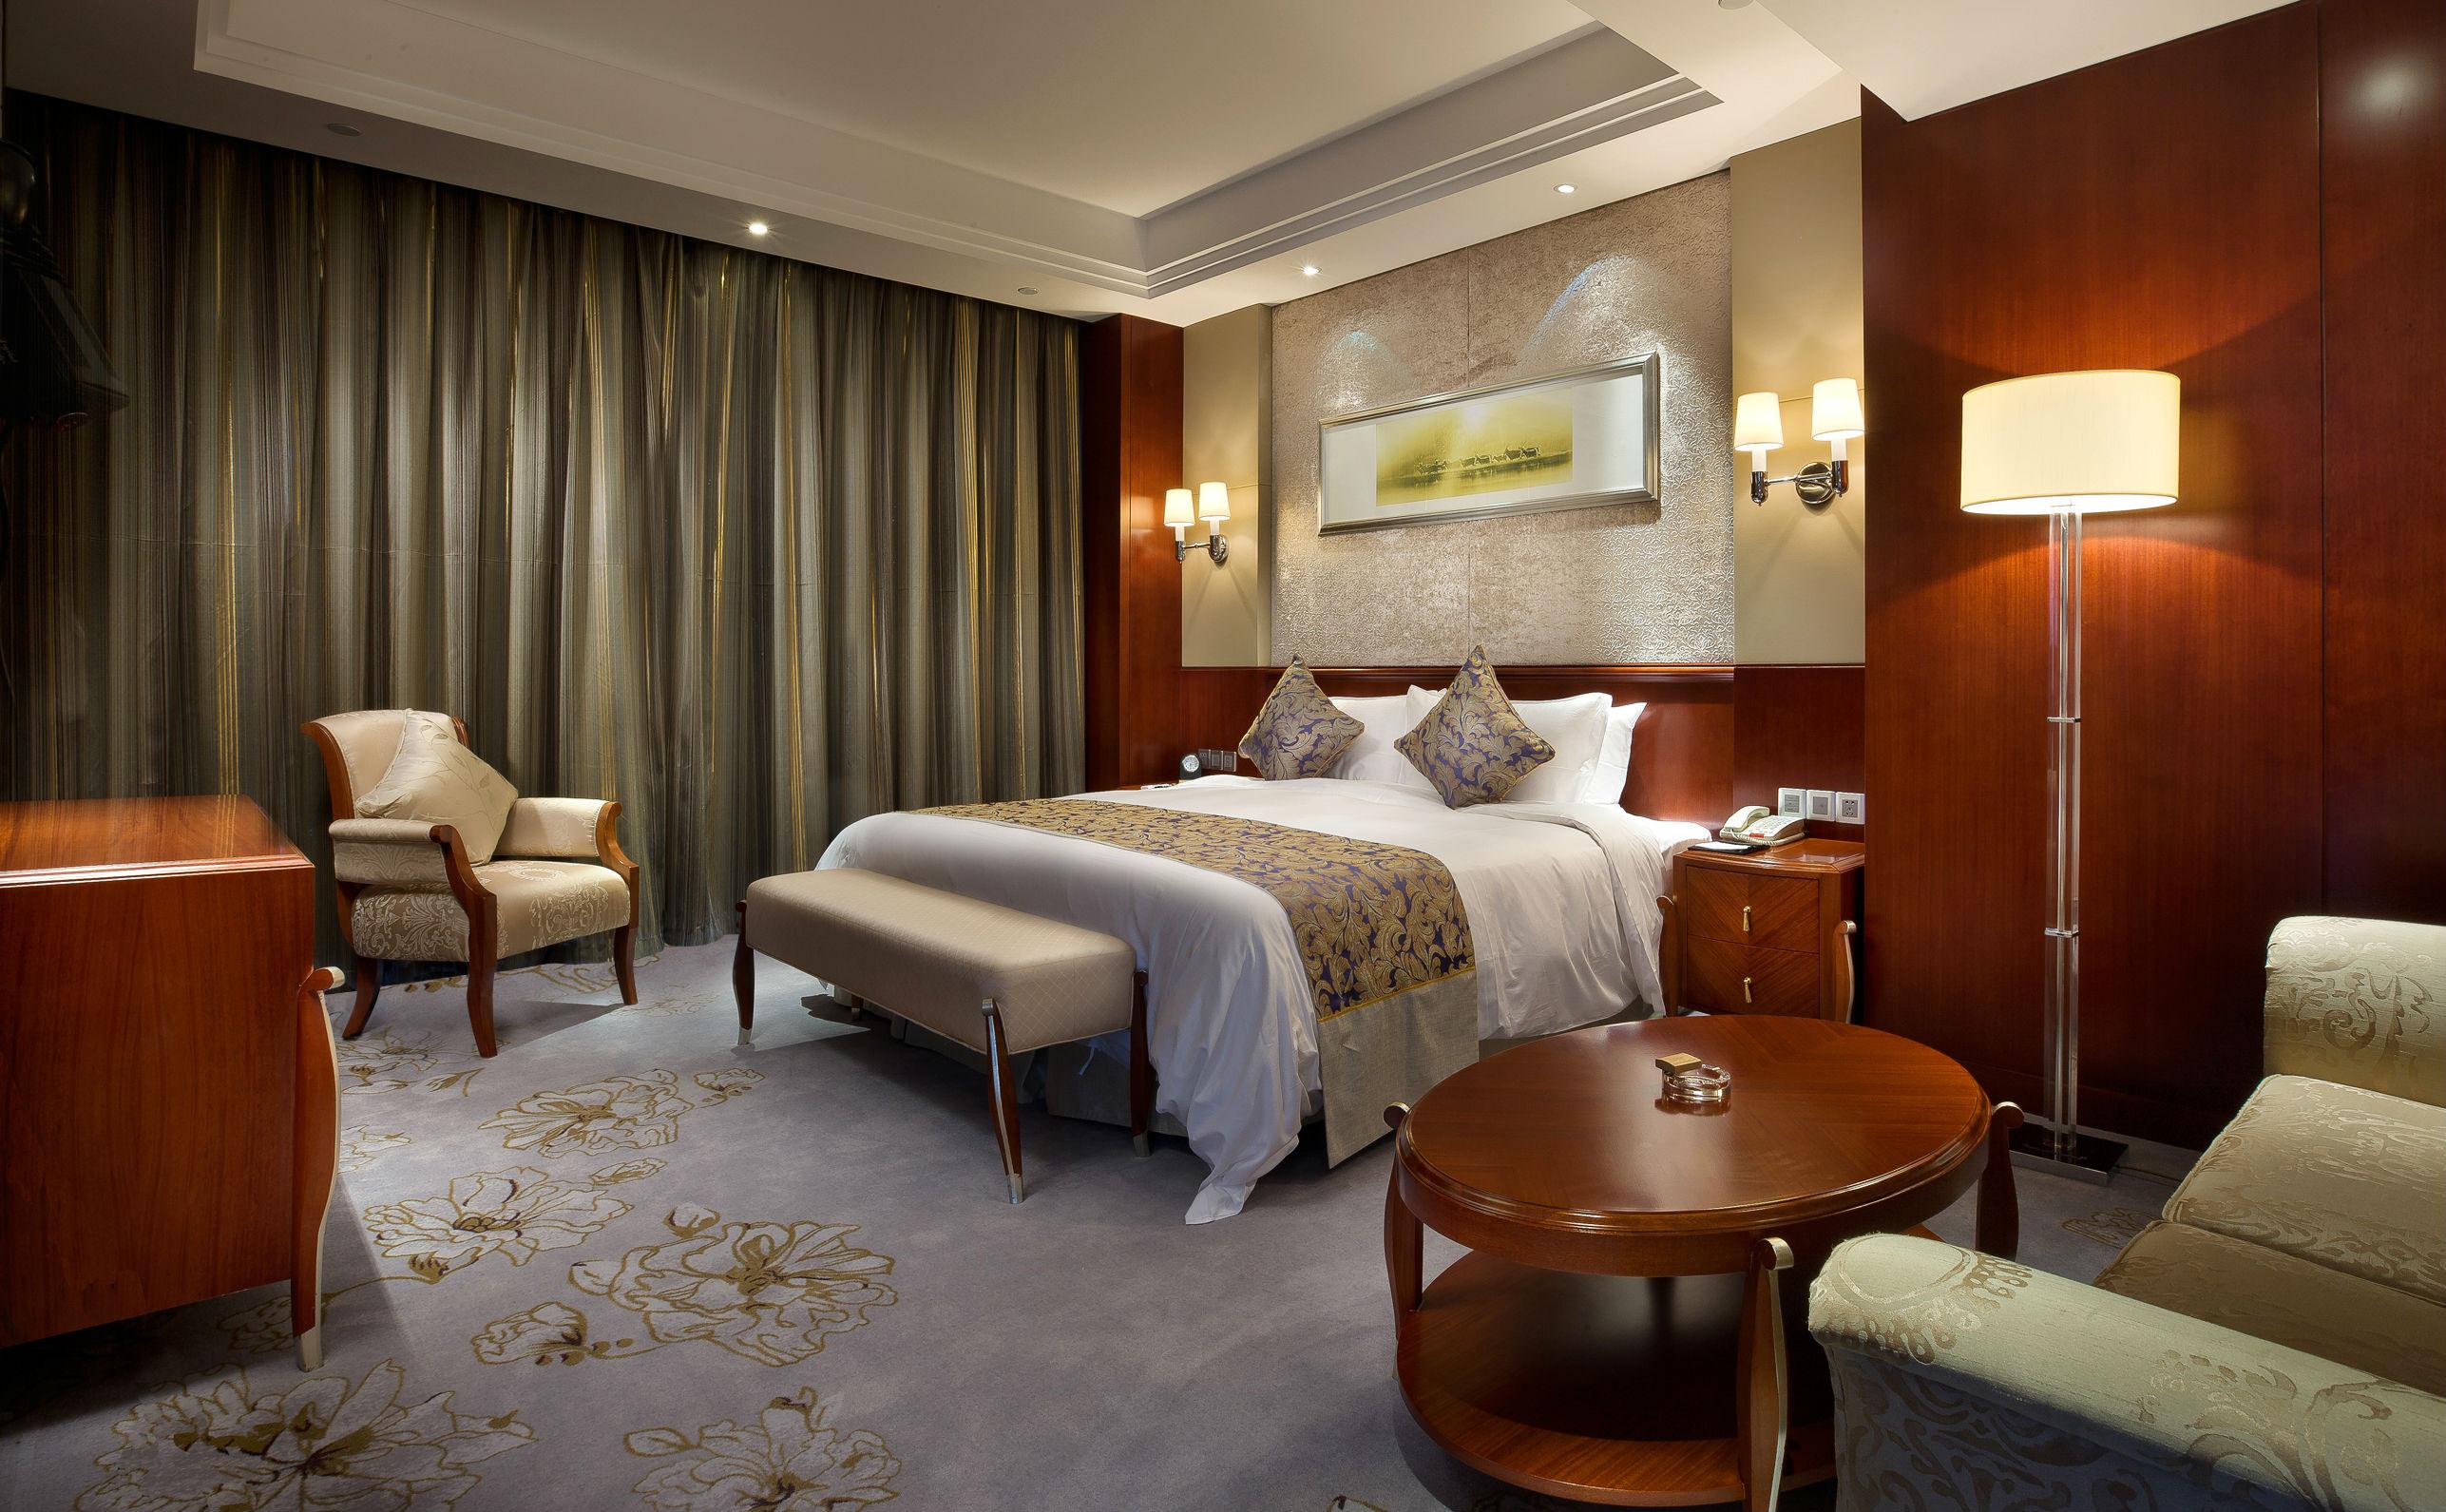 半岛温泉酒店是盐城市大丰区首座集商务会议